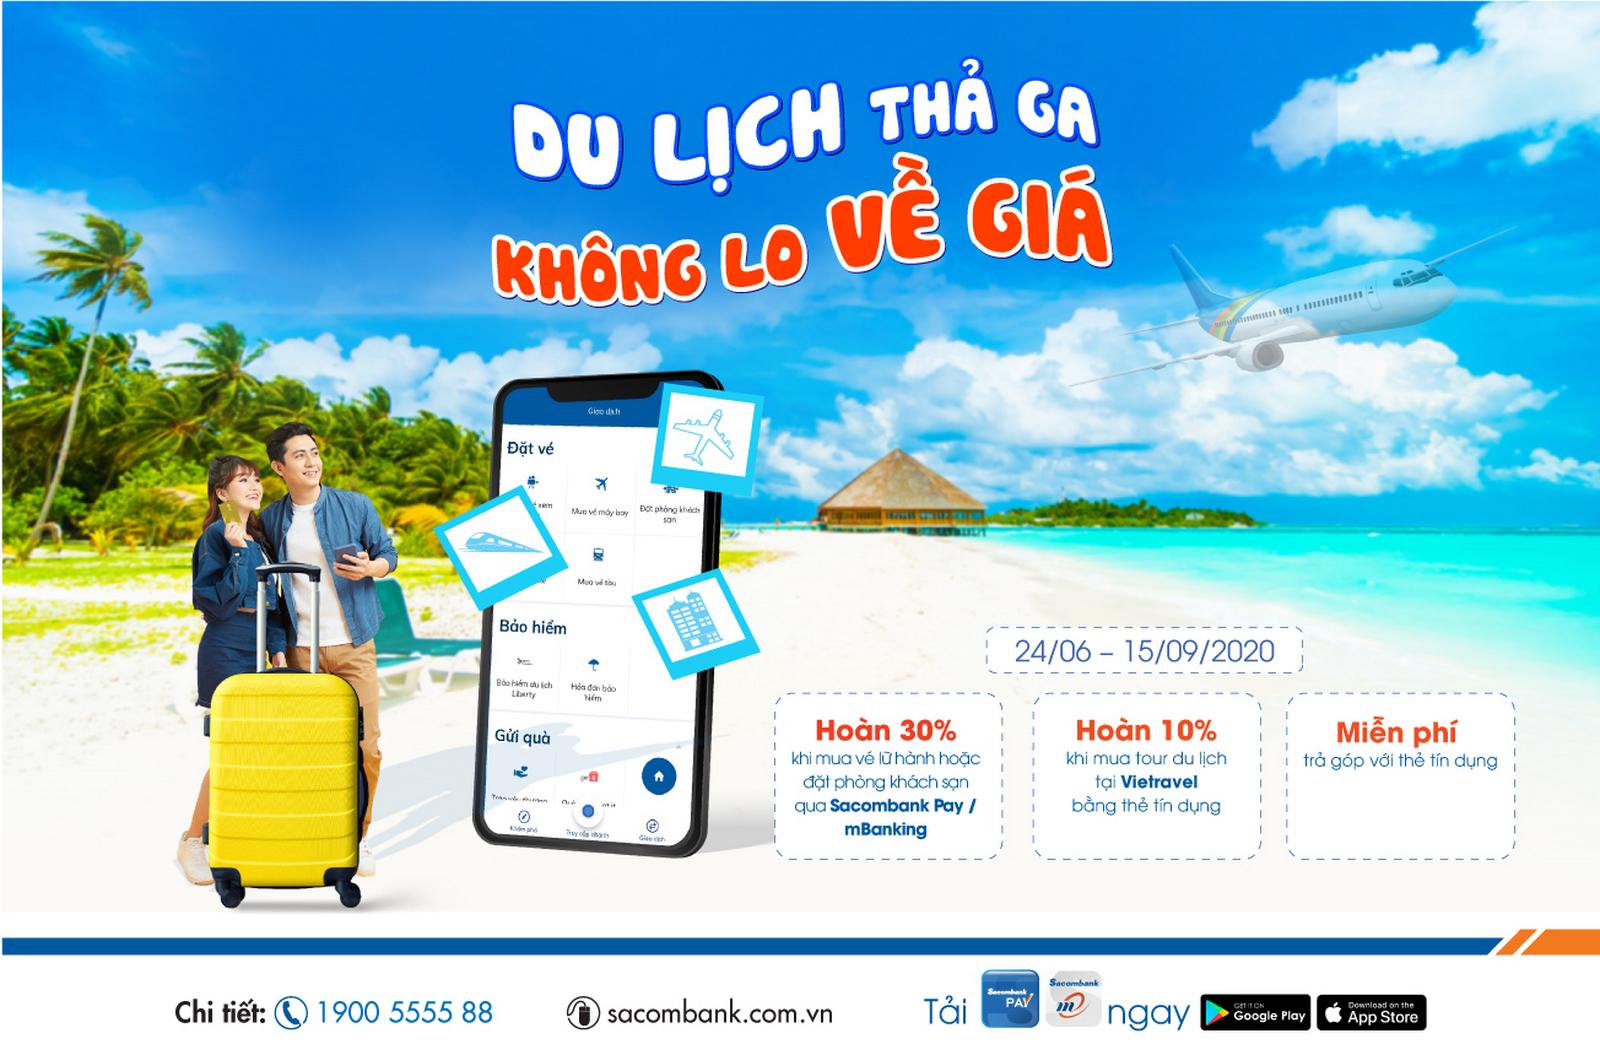 Chủ thẻ tín dụng quốc tế Sacombank được hưởng nhiều ưu đãi  khi đi du lịch